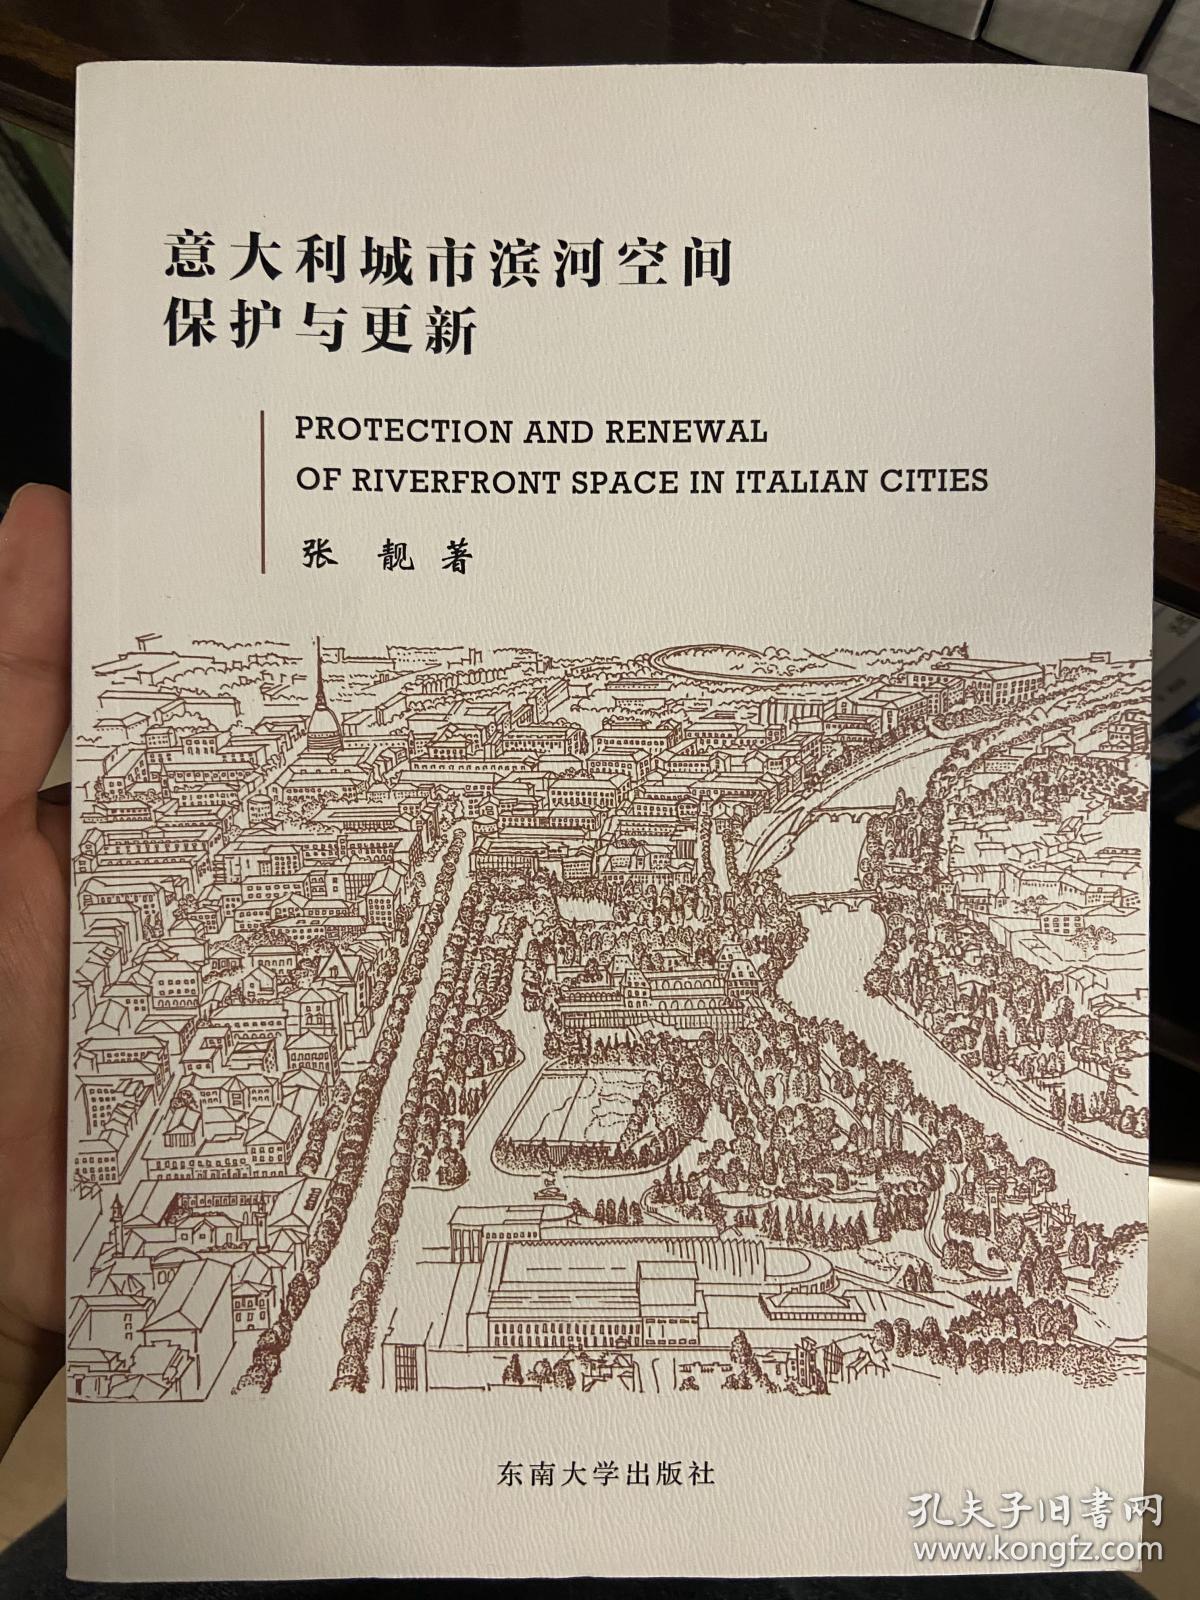 意大利城市滨河空间保护与更新